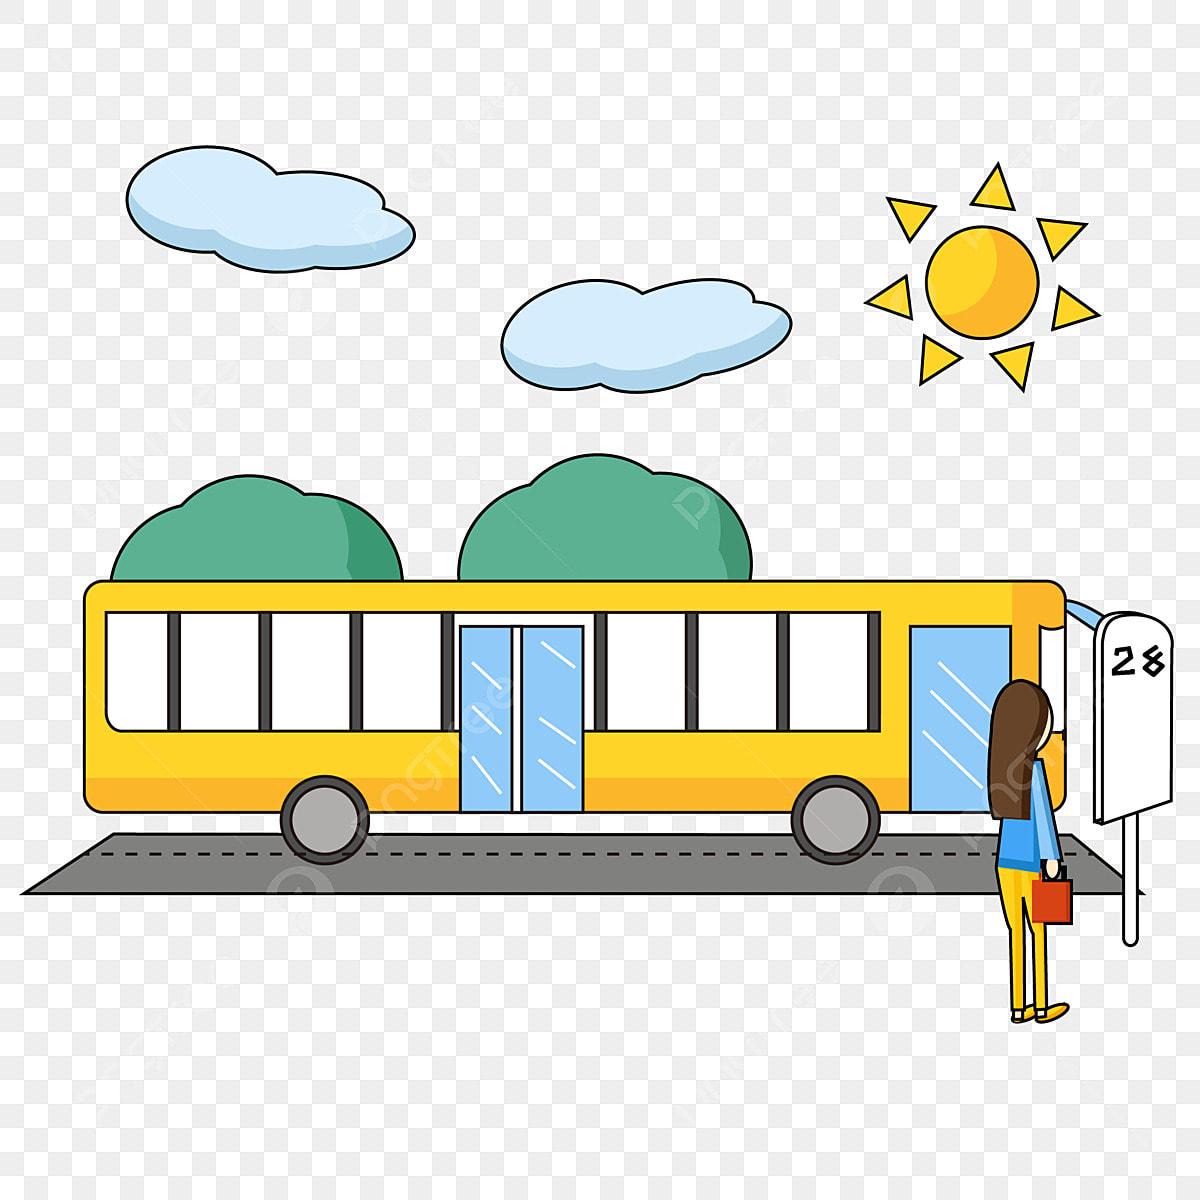 Gambar Bus Kart Yang Mudah Dan Lucu Menunggu Pemandangan Kereta Tunggu Kereta Tempat Menunggu Bas Png Dan Vektor Untuk Muat Turun Percuma